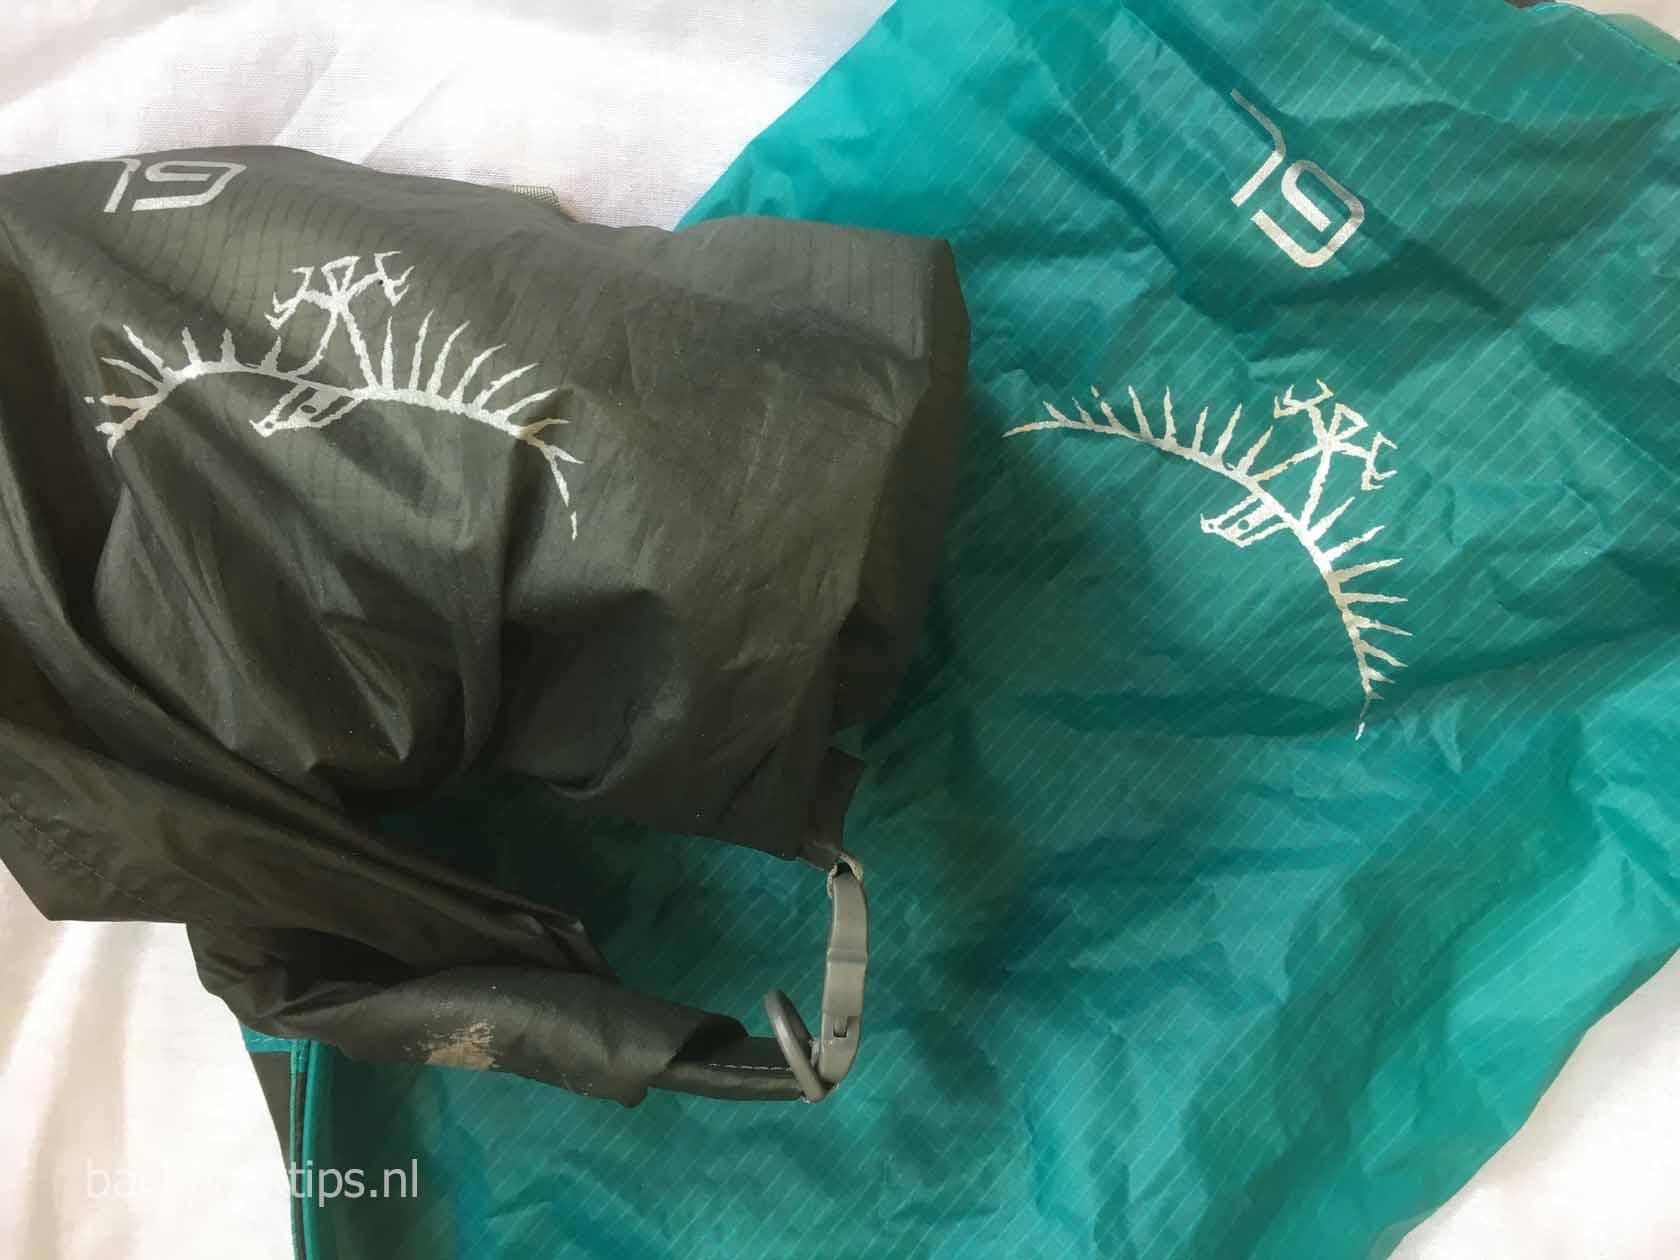 26ea3a1e121 De beste waterdichte zak voor een backpacker - Backpacktips